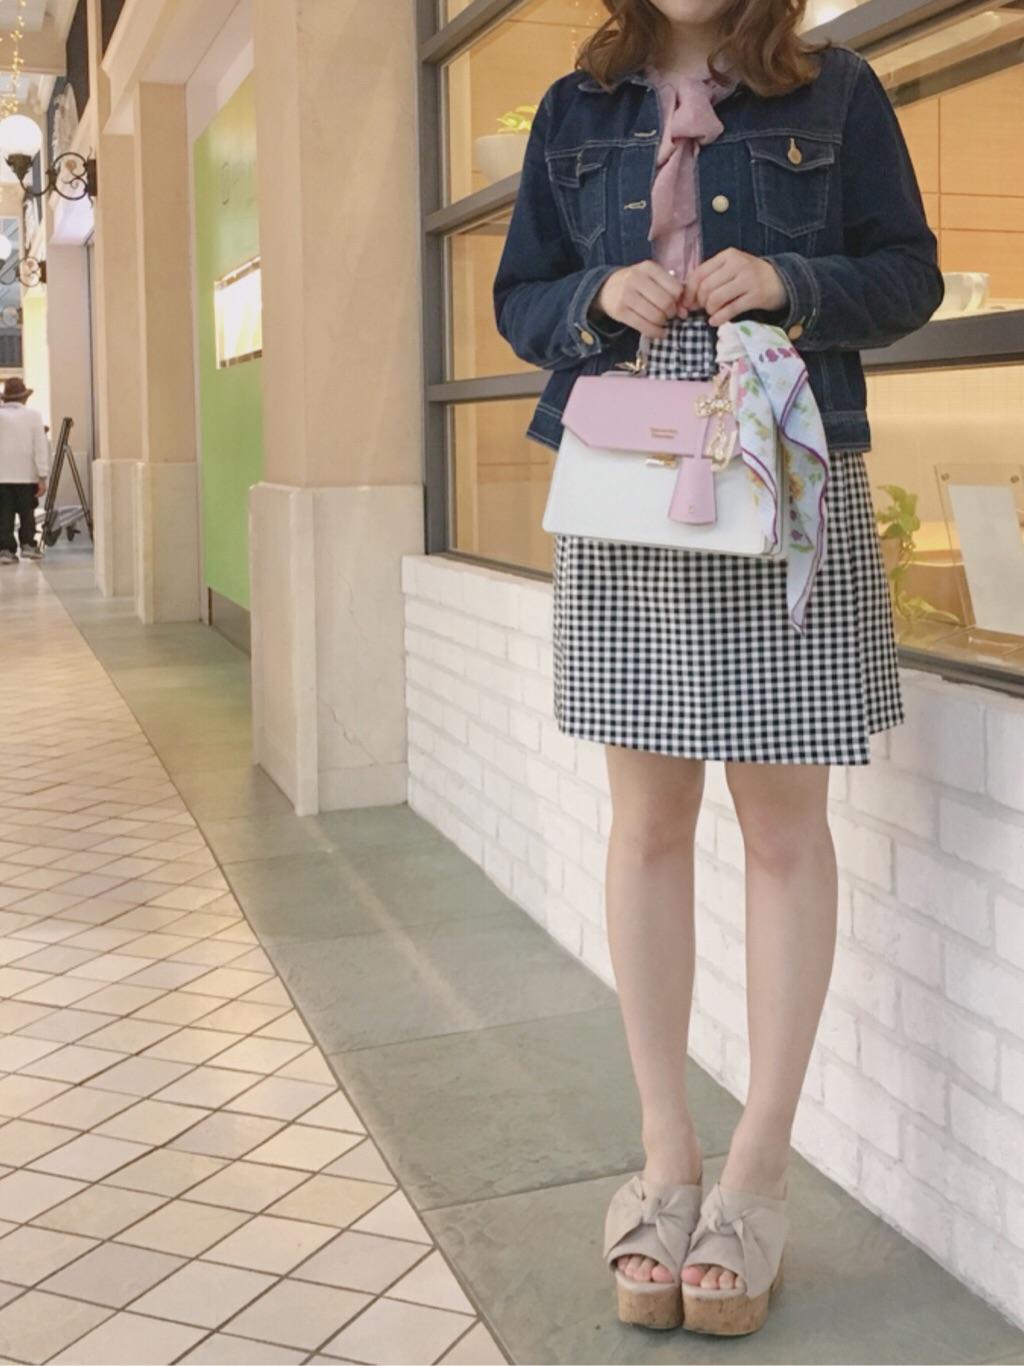 サマンサタバサ スイーツ&トラベル 中部国際空港店 ❤︎ ᴍᴏᴍᴏᴄʜɪ ❤︎